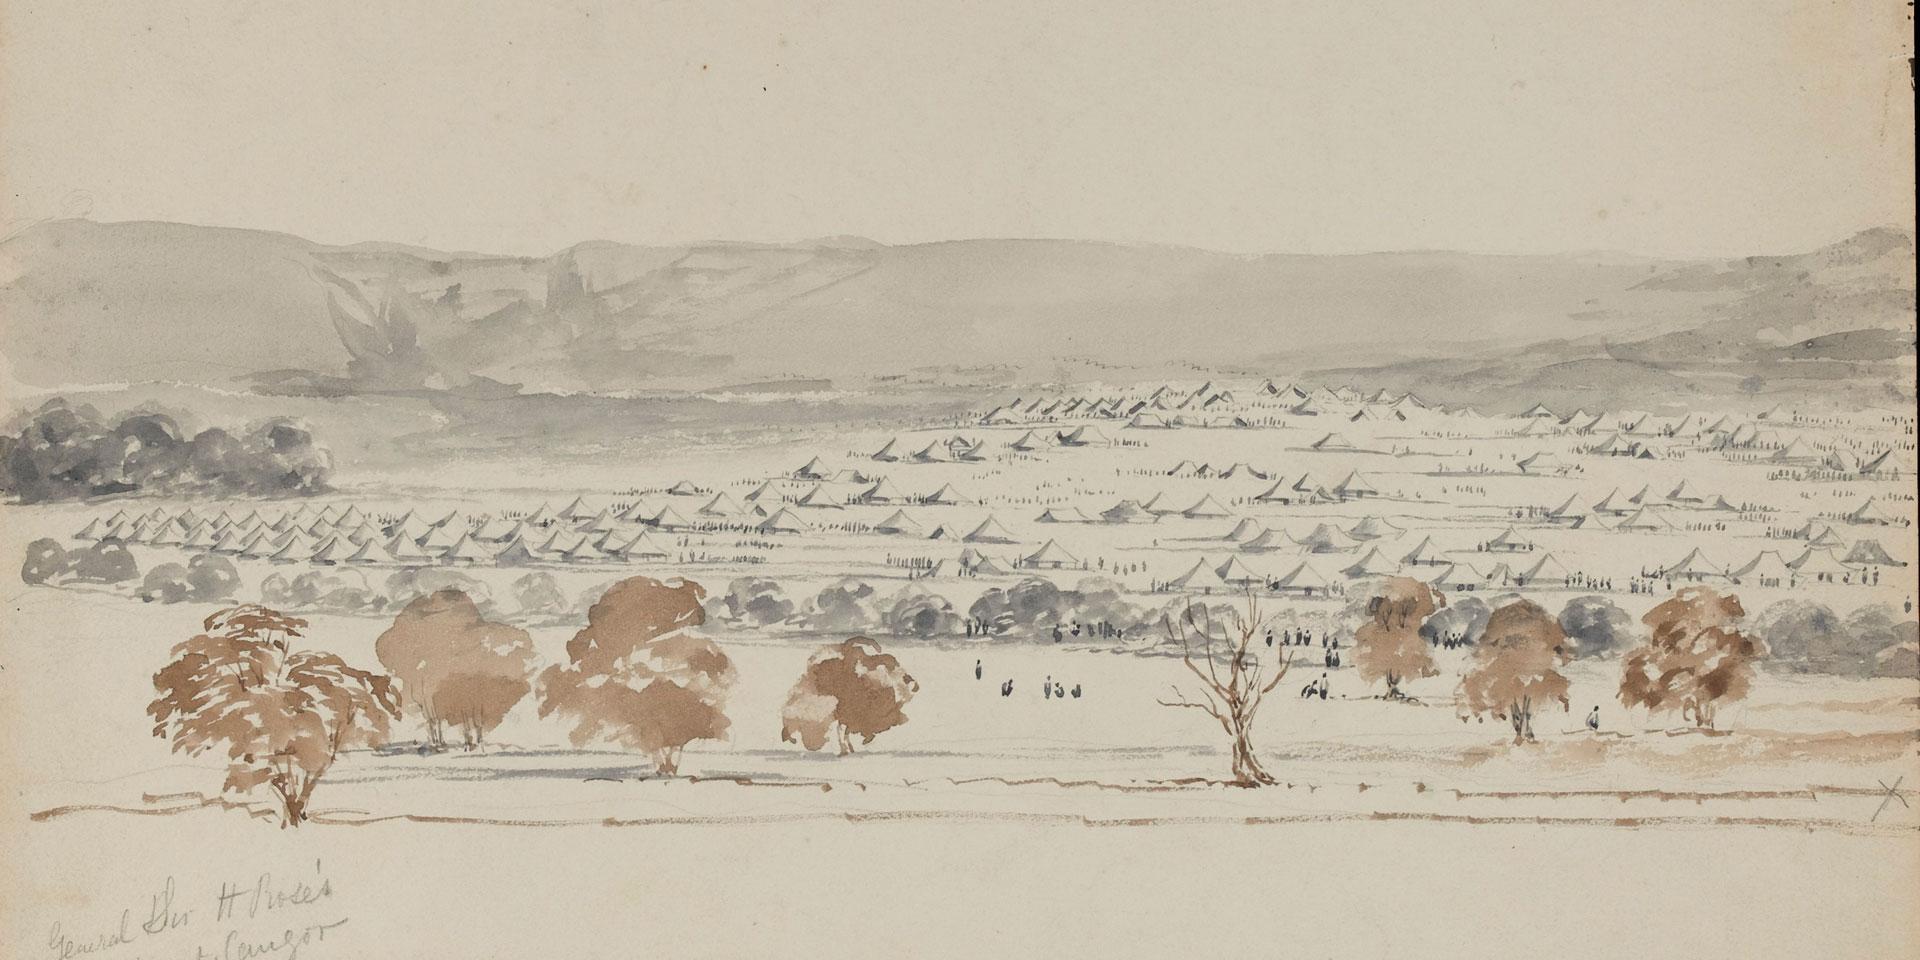 General Sir Hugh Rose's camp at Saugor, February 1858